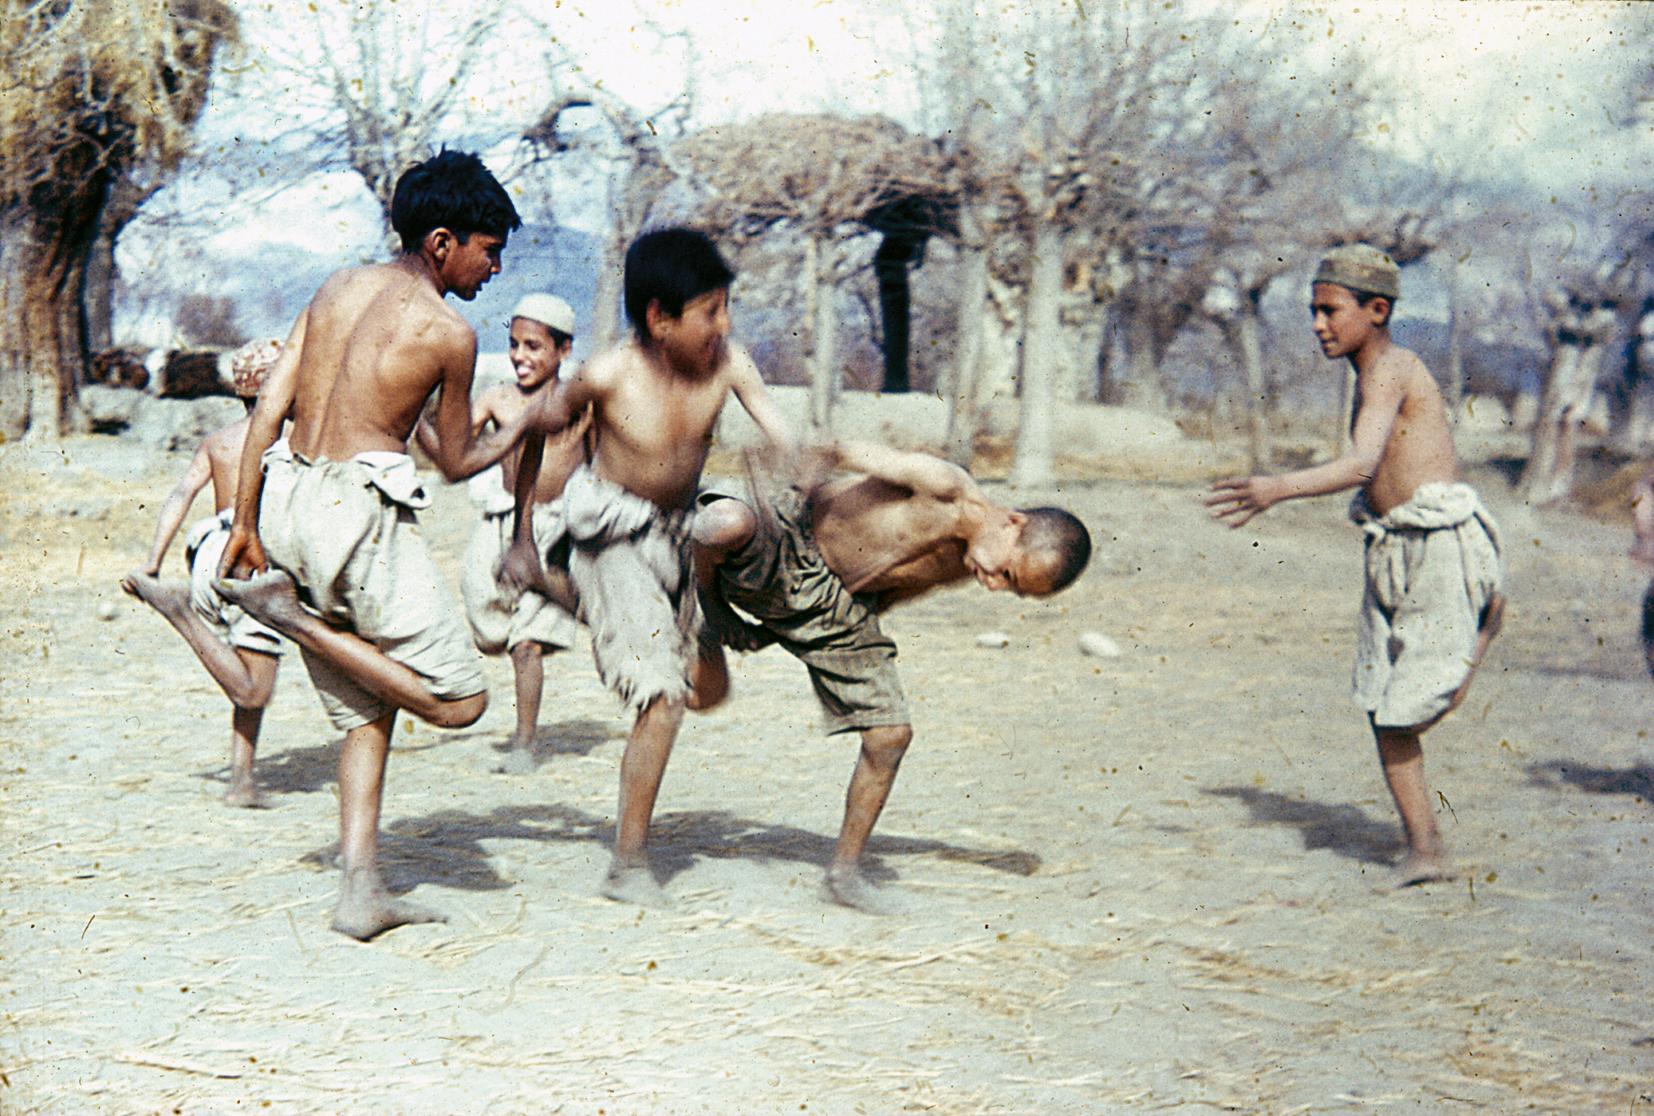 Afghanerbrydning er populært i Afghanistan. Foto: Klaus Ferdinand, 1955